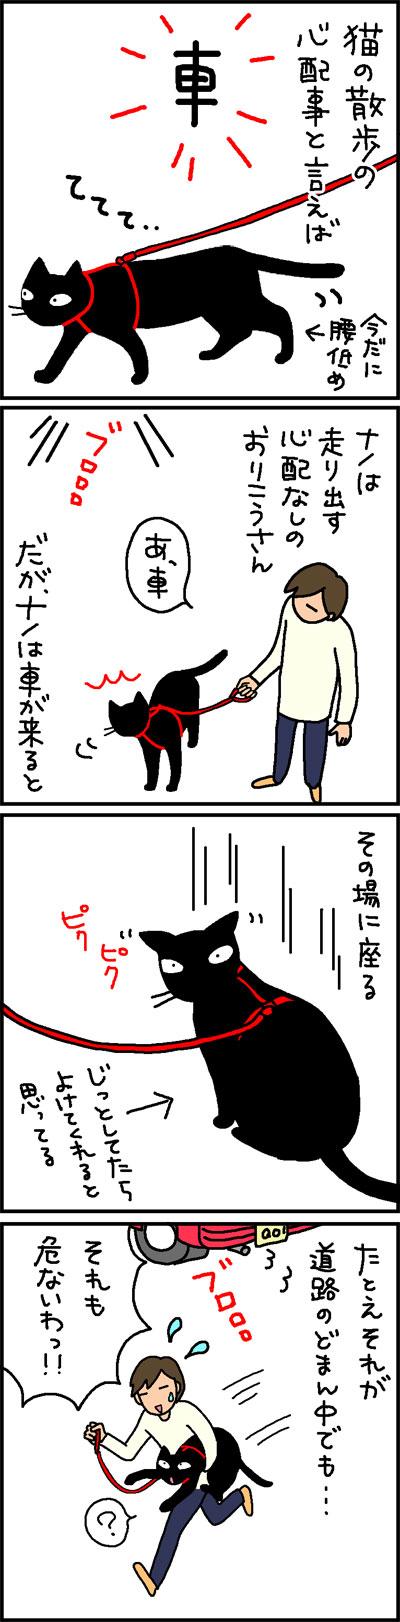 猫のさんぽ車が来たらどうなるかの4コマ猫漫画